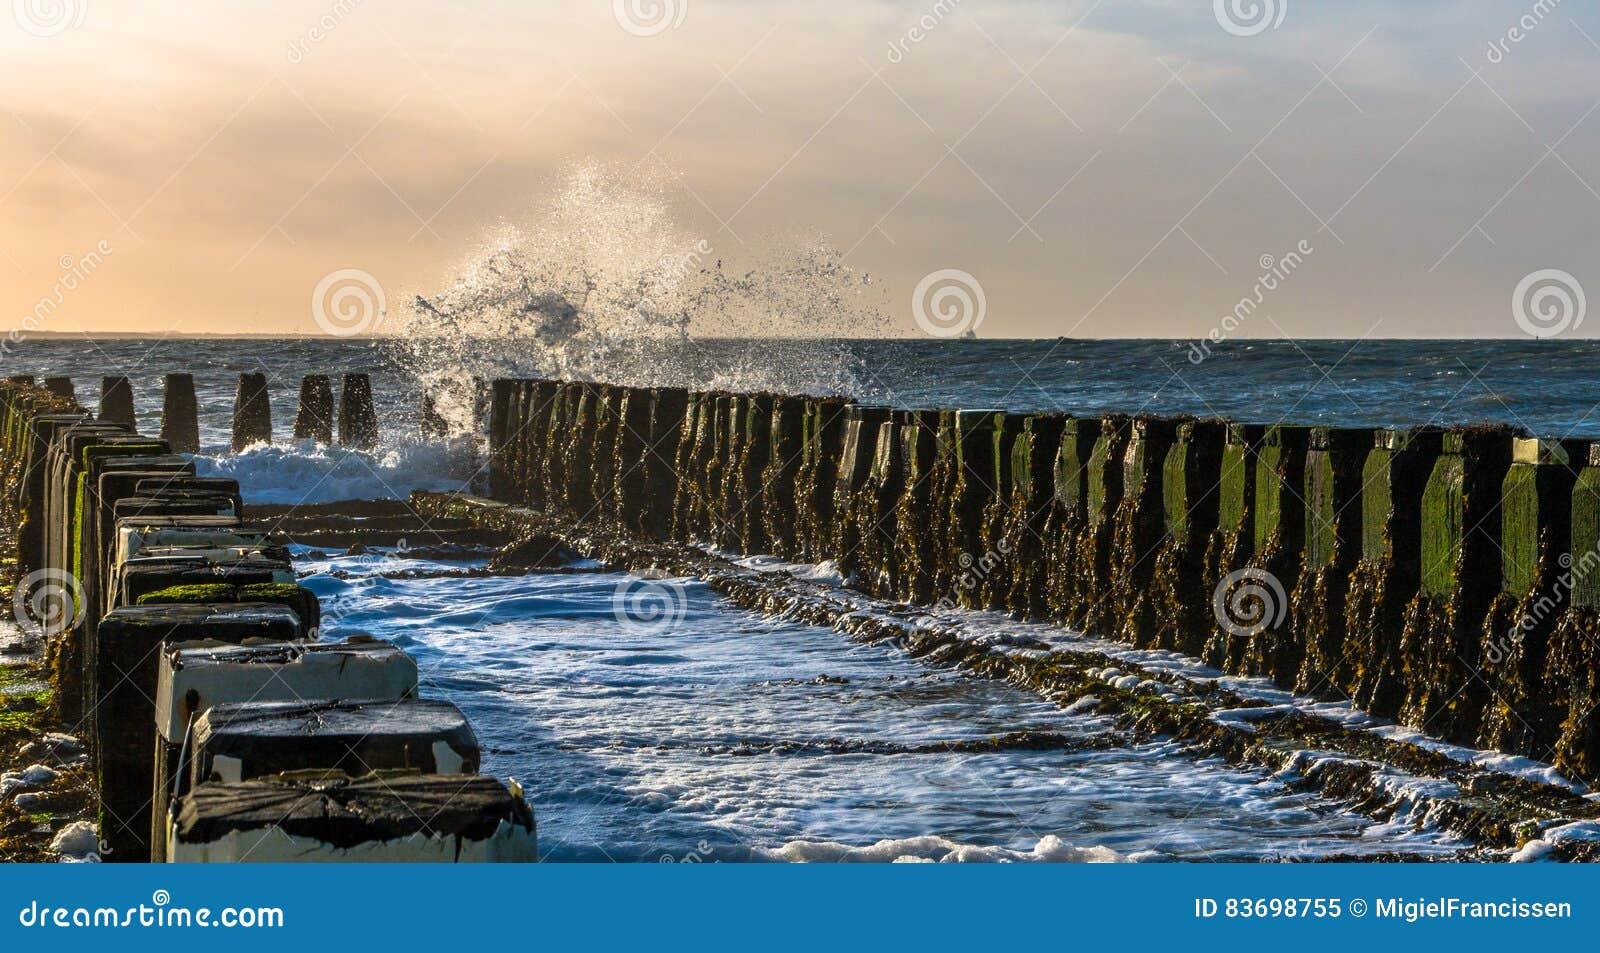 Breakwaters at the beach